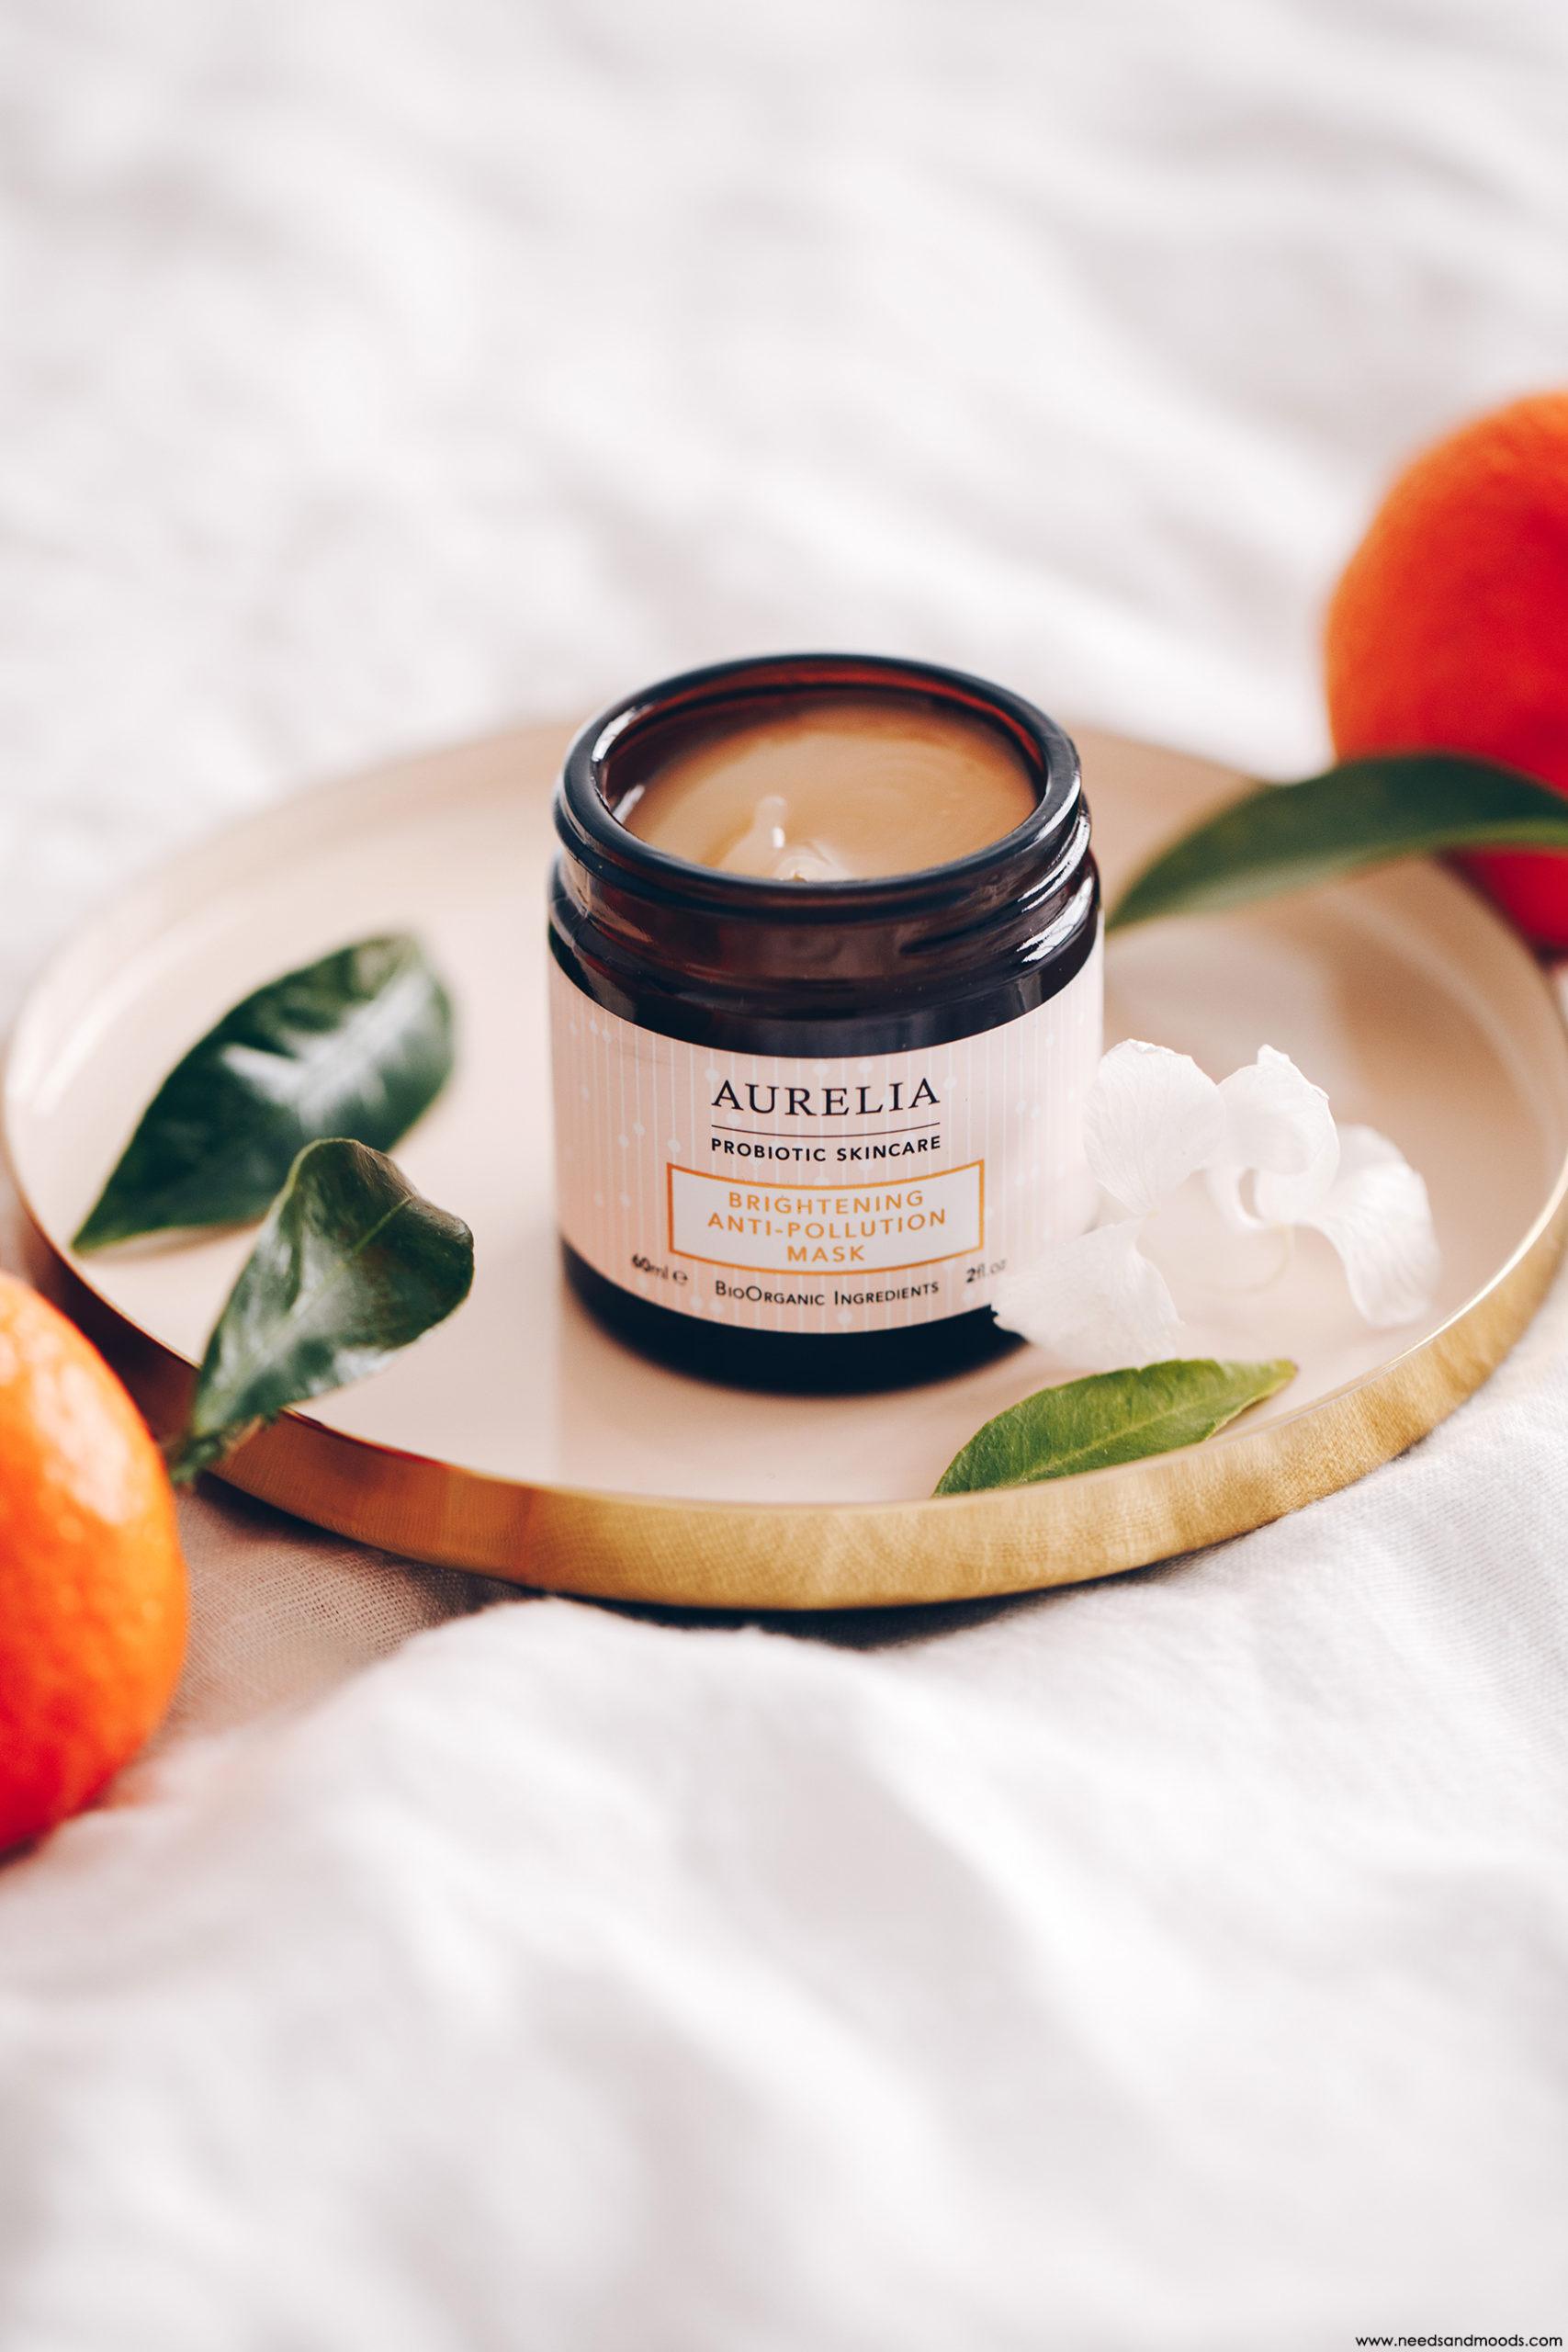 aurelia probiotic masque anti-pollution